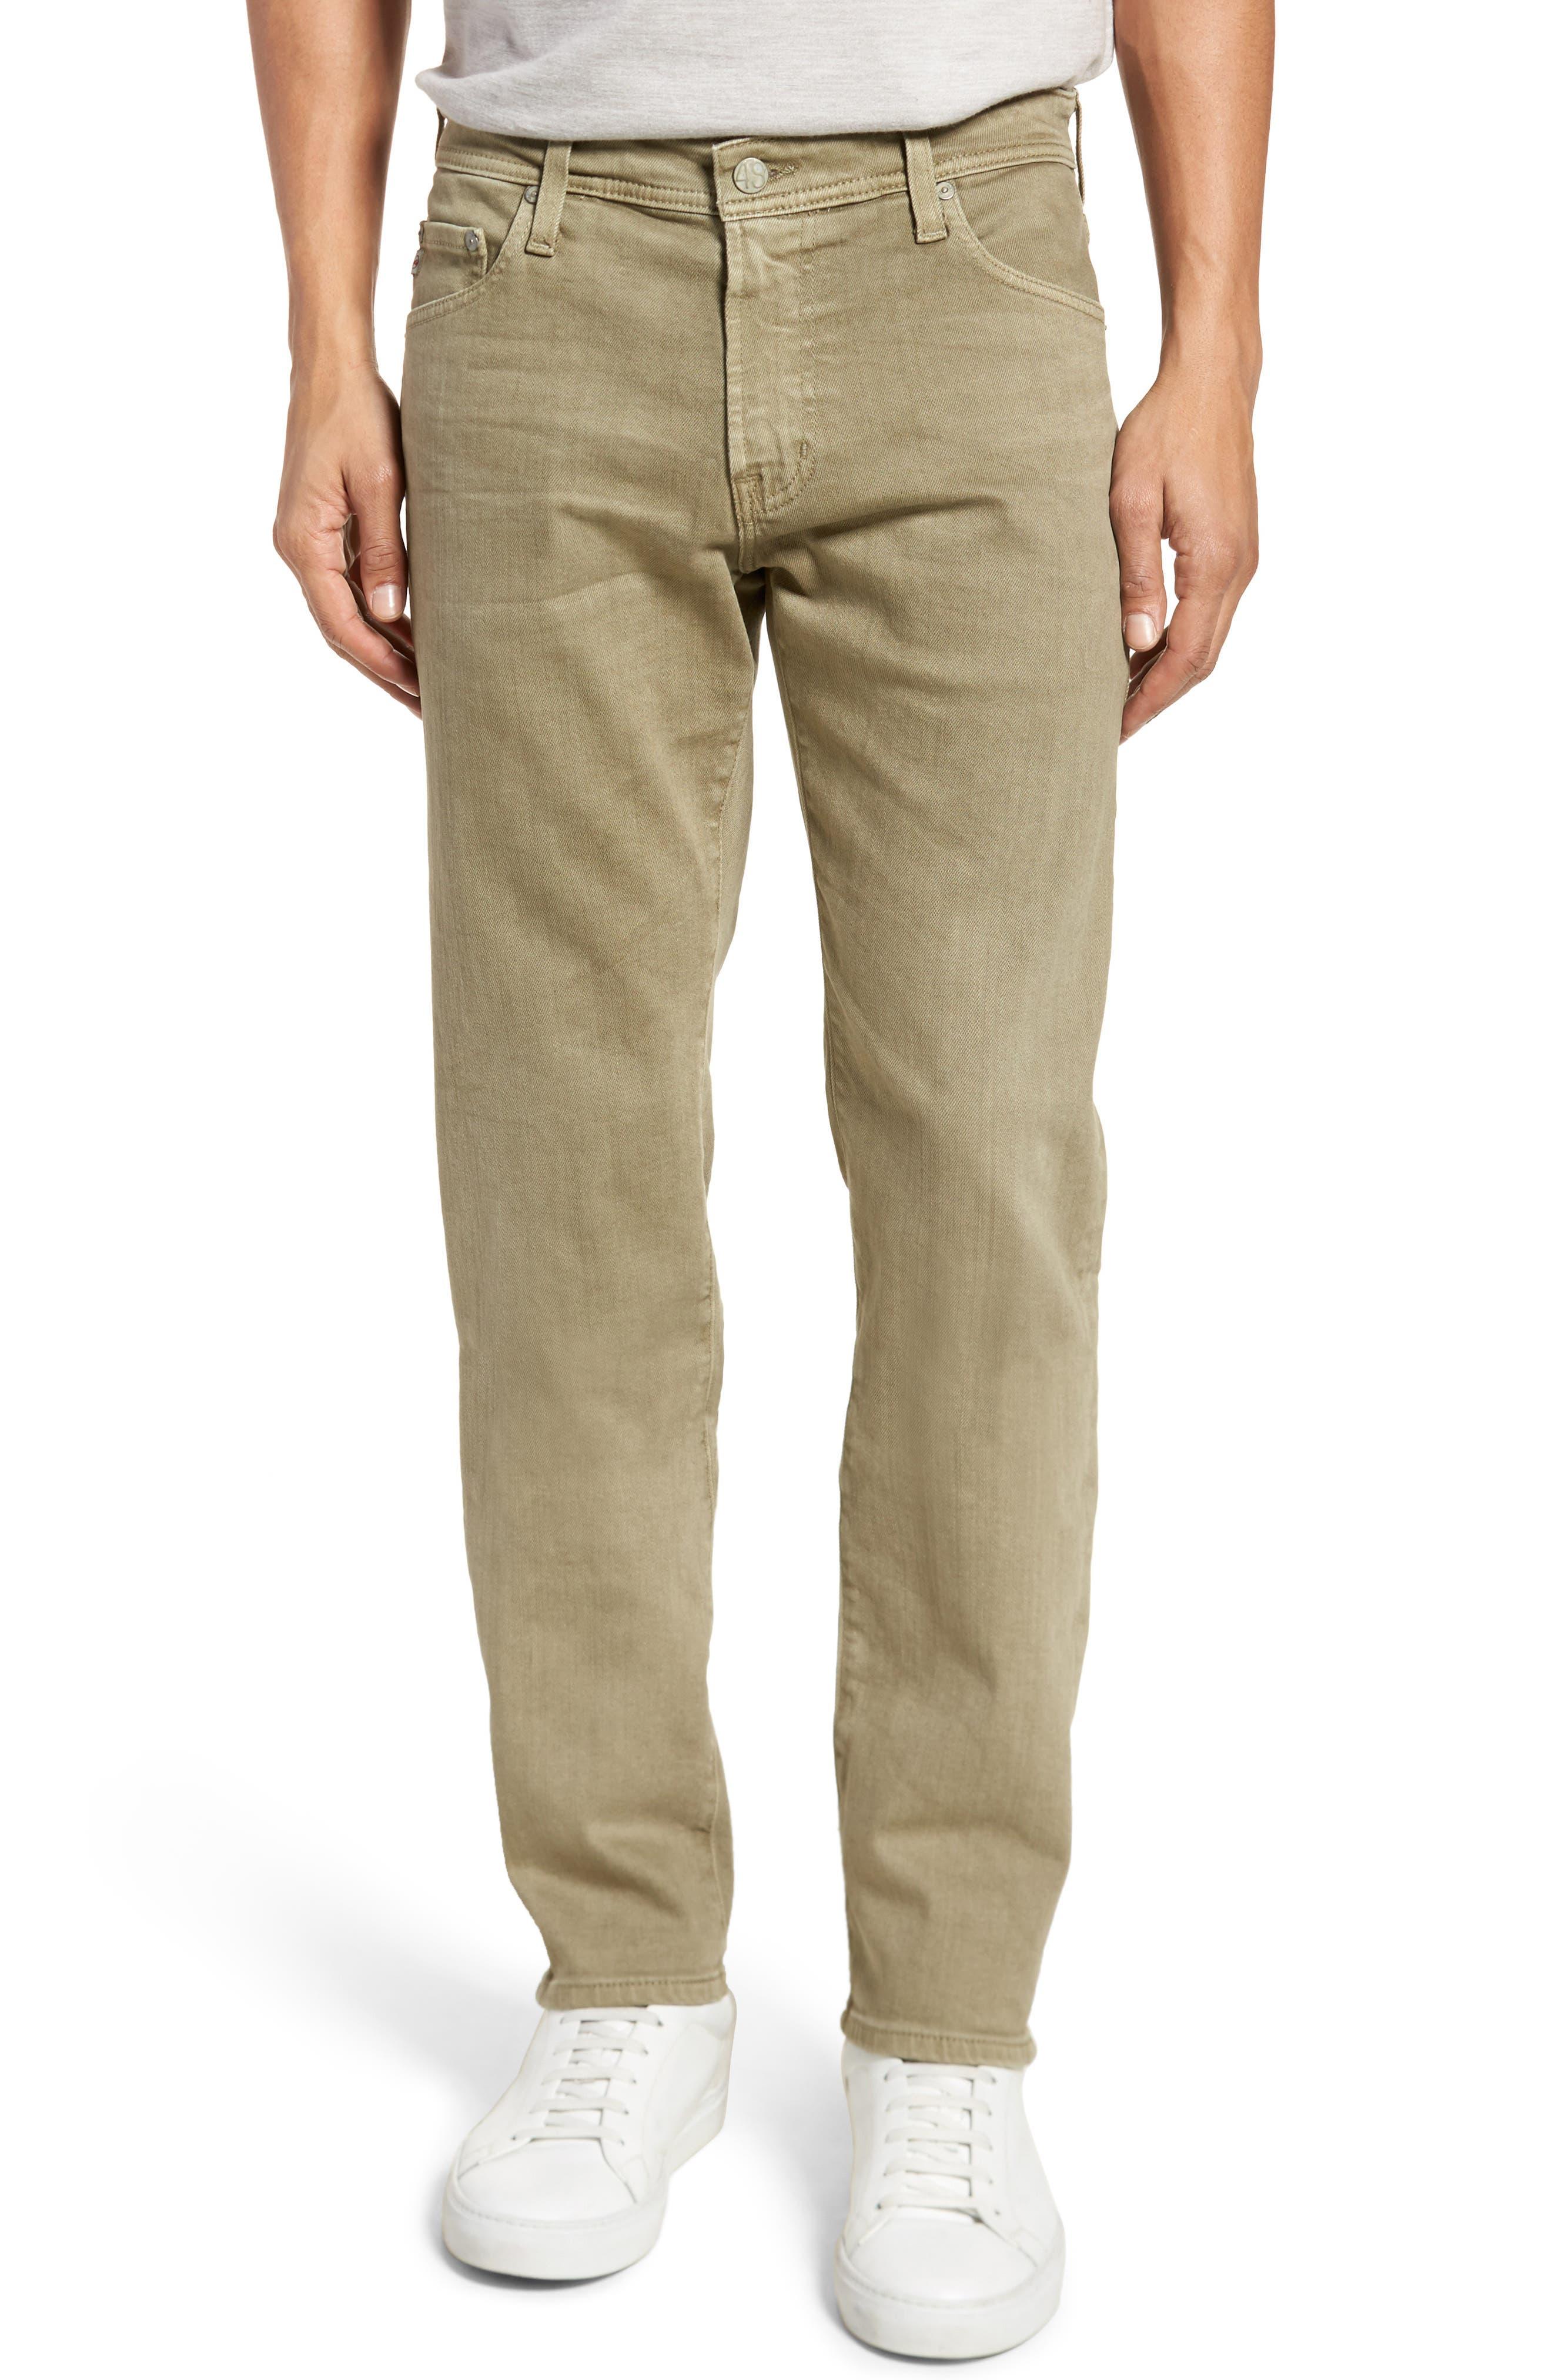 Tellis Slim Fit Jeans,                             Main thumbnail 1, color,                             316